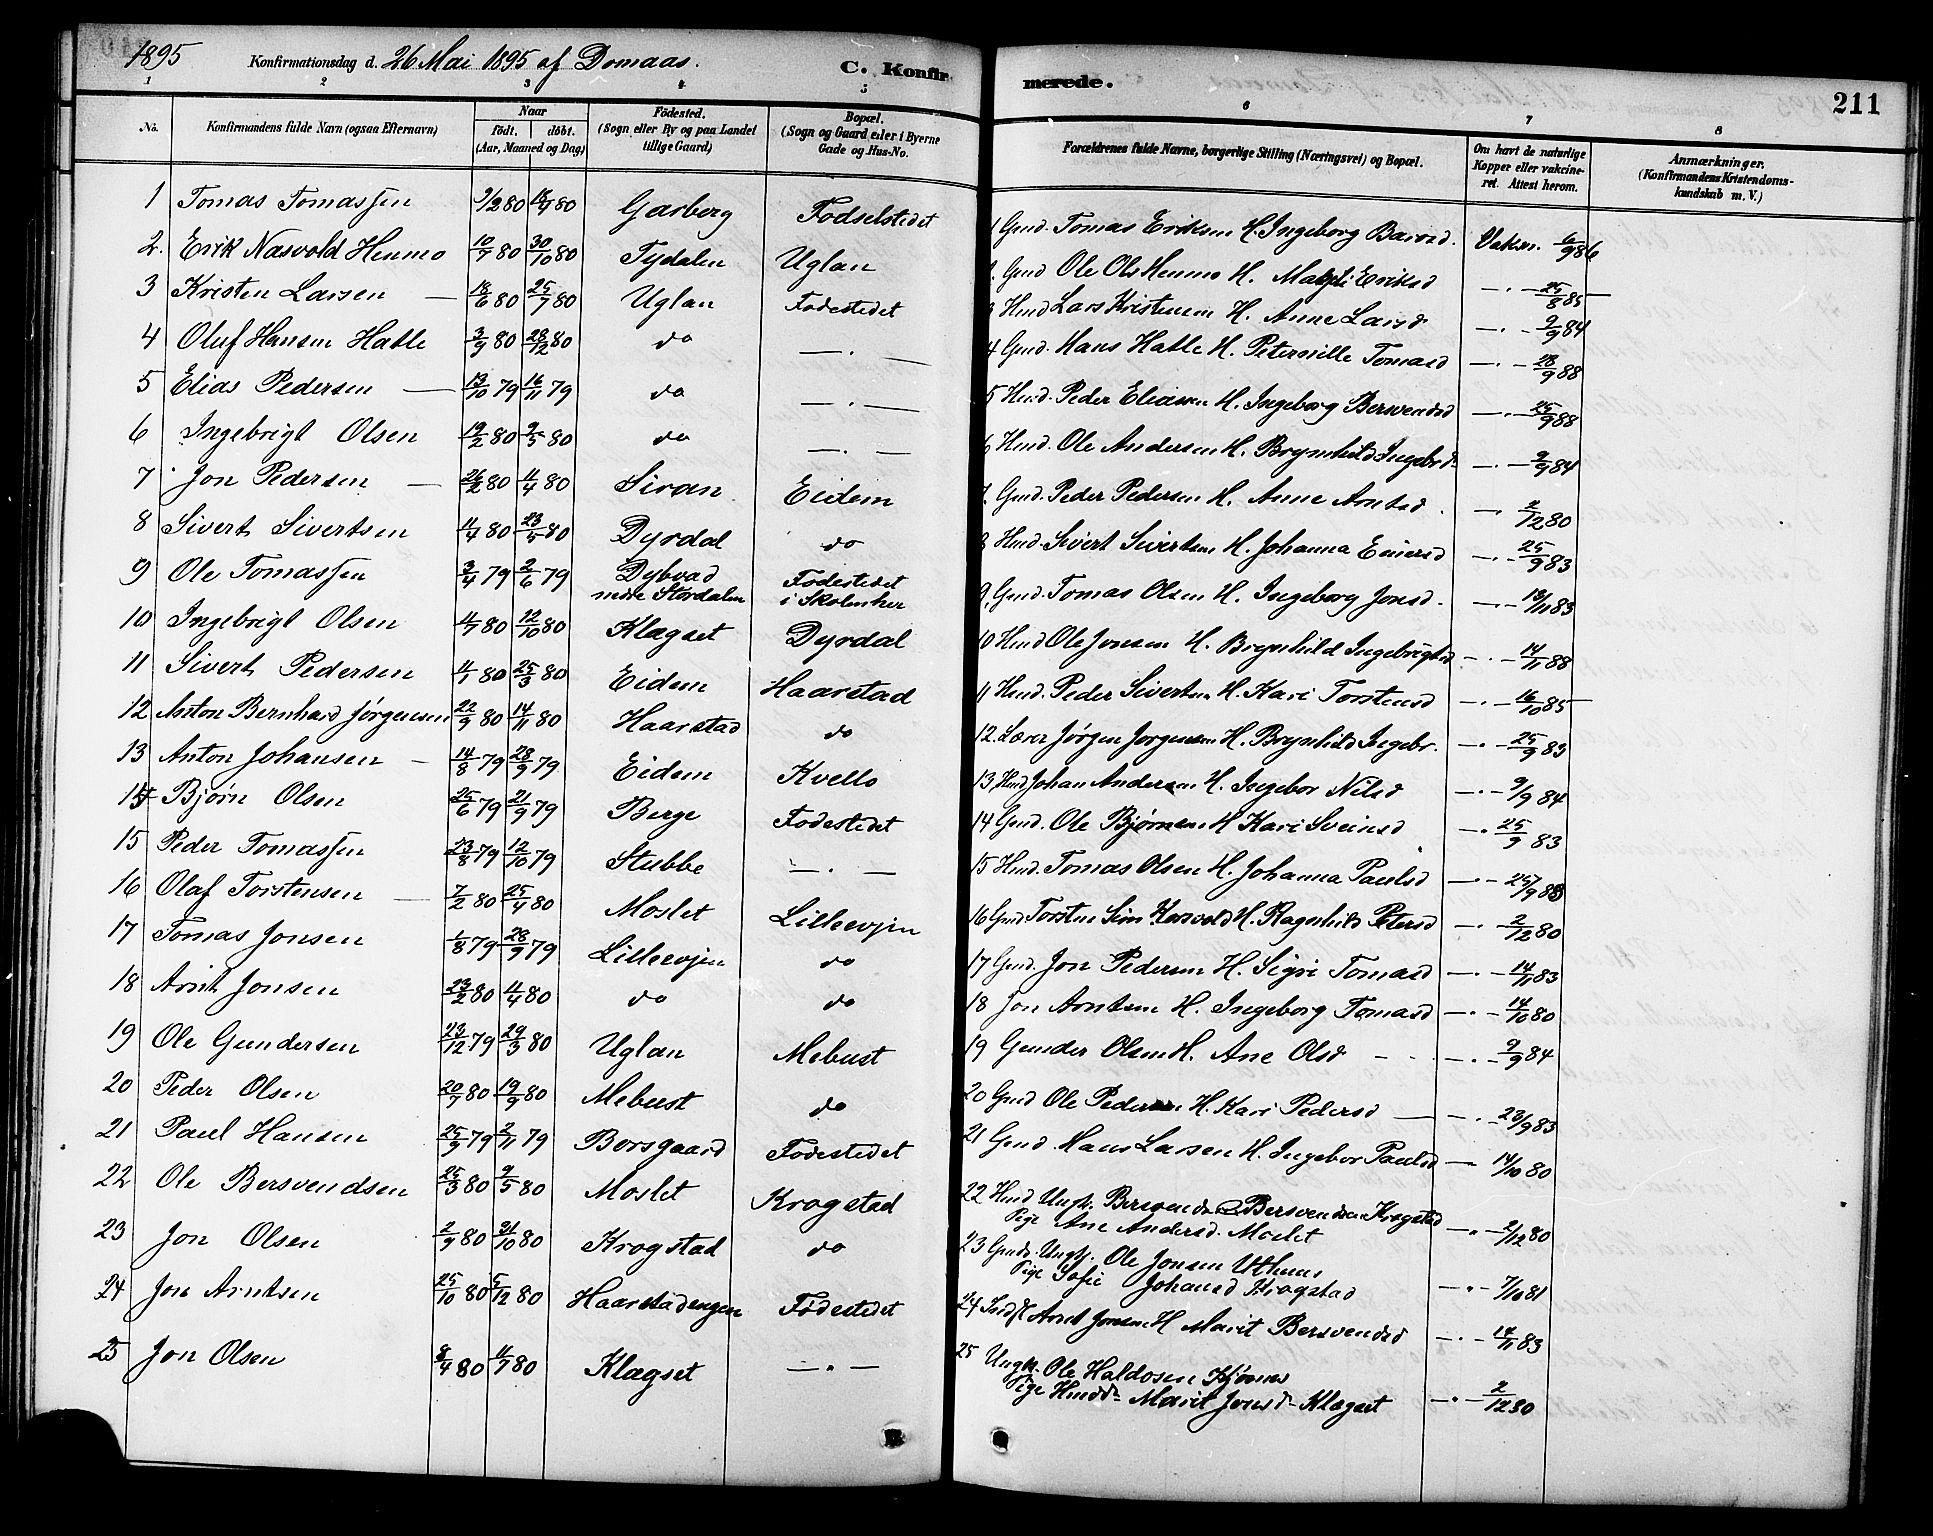 SAT, Ministerialprotokoller, klokkerbøker og fødselsregistre - Sør-Trøndelag, 695/L1157: Klokkerbok nr. 695C08, 1889-1913, s. 211